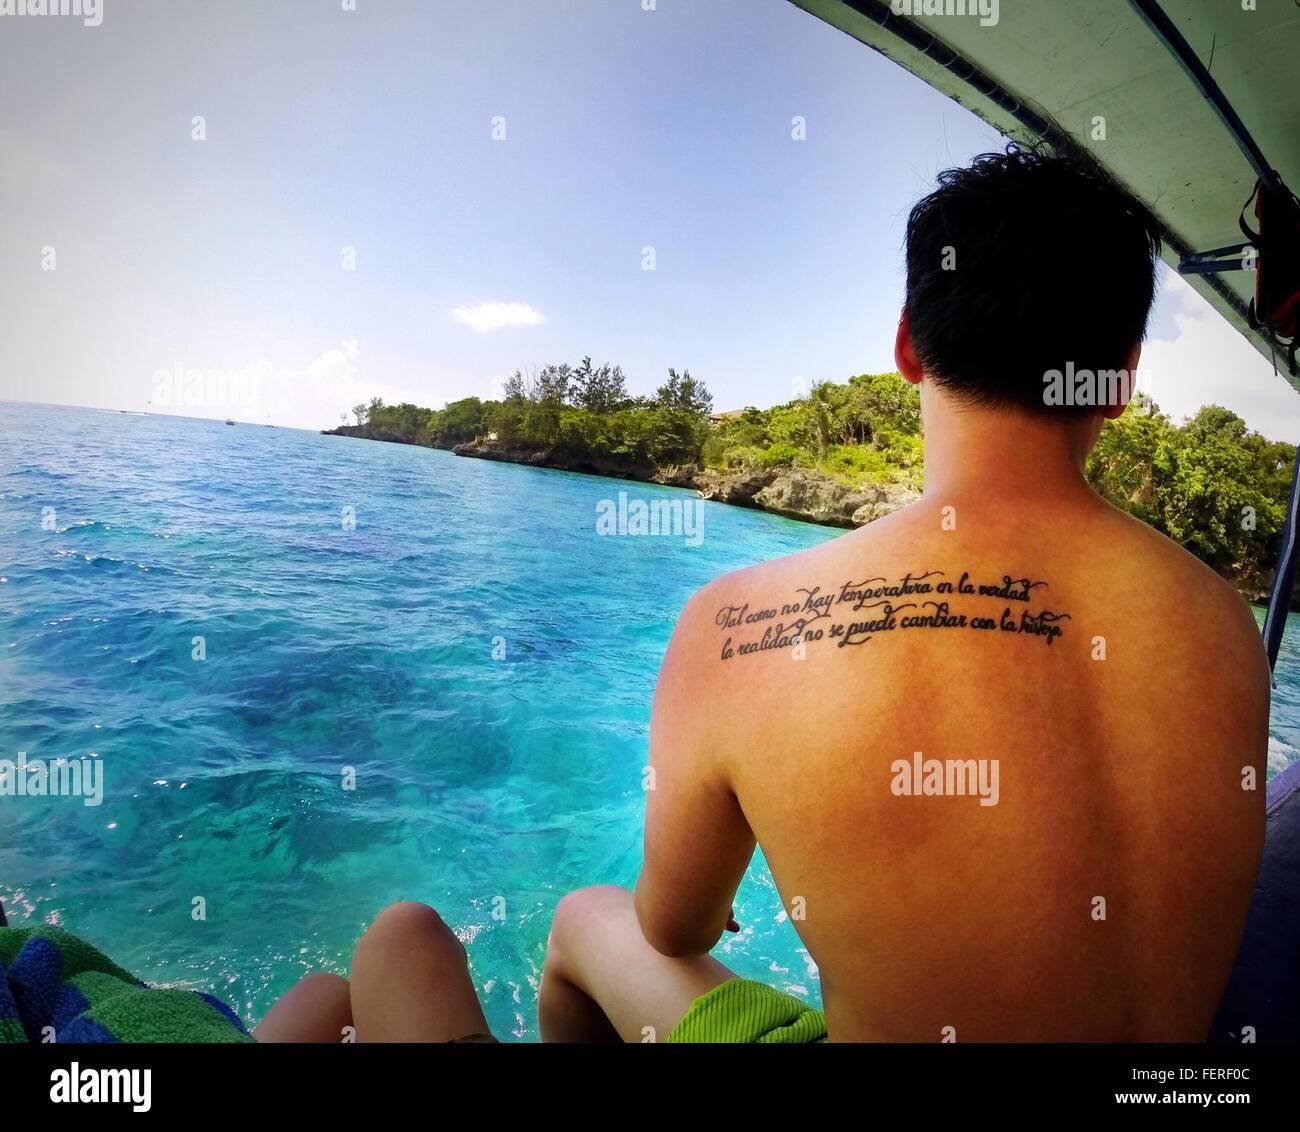 Vista posteriore del Shirtless Uomo con tatuaggio sul retro in mare Immagini Stock